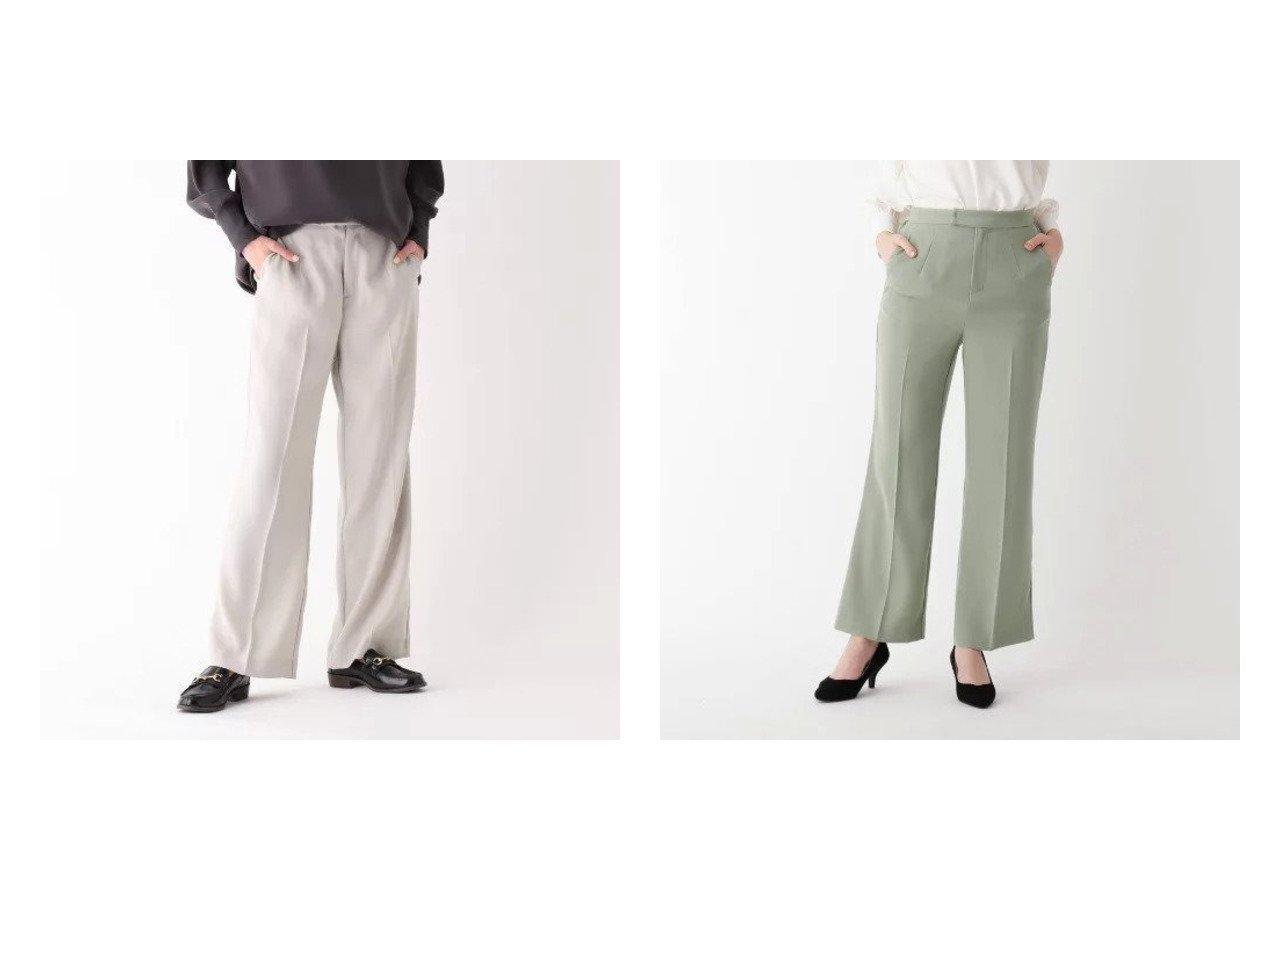 【SOUP/スープ】のINNOWAVE ダブルバックサテンフレアパンツ パンツのおすすめ!人気、トレンド・レディースファッションの通販   レディースファッション・服の通販 founy(ファニー)